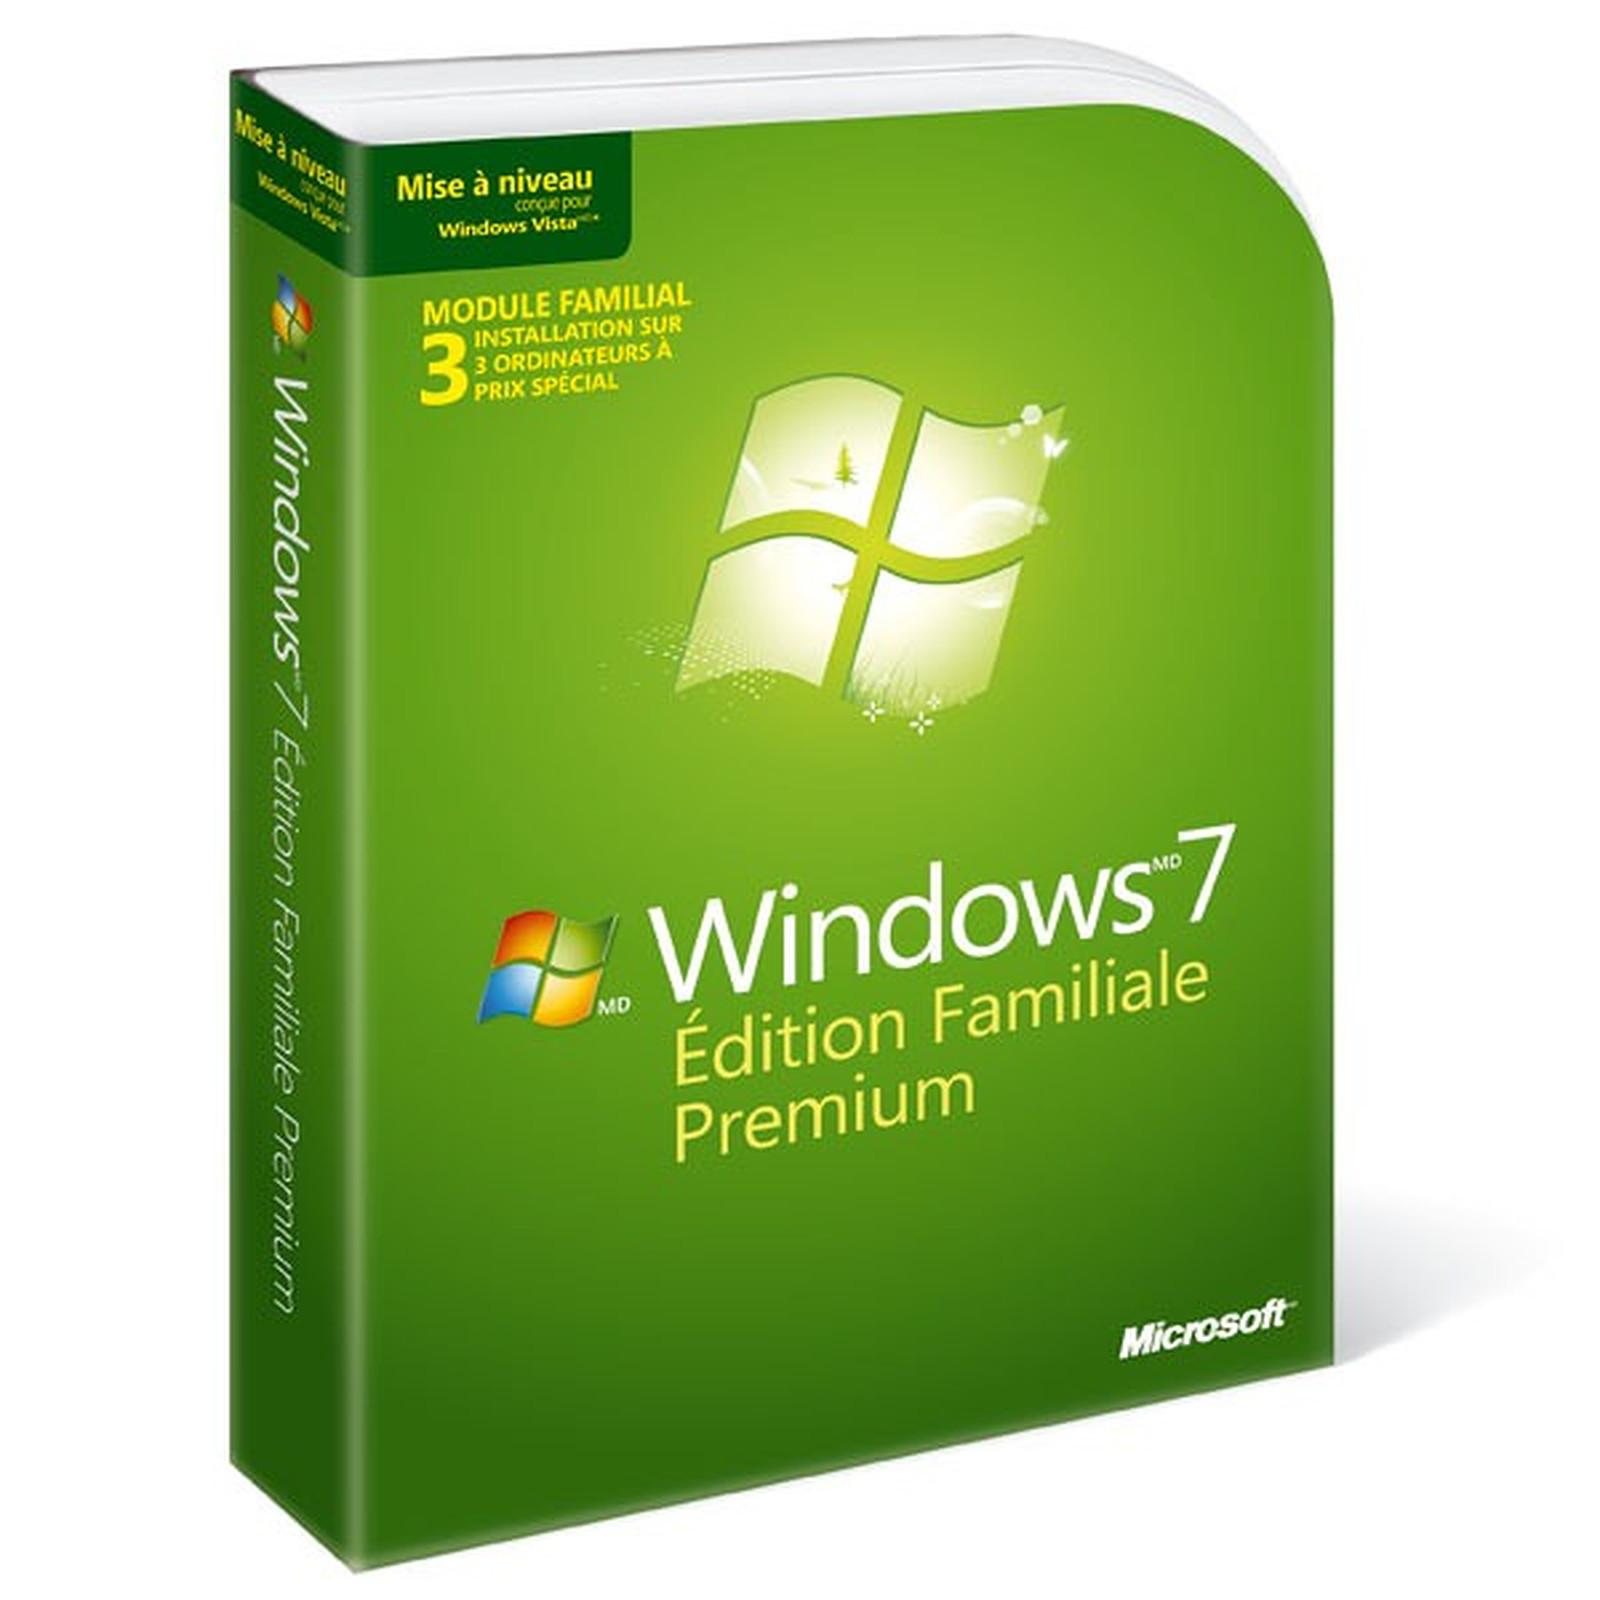 Microsoft Windows 7 Édition Familiale Premium - Mise à jour - Prix spécial 3 licences